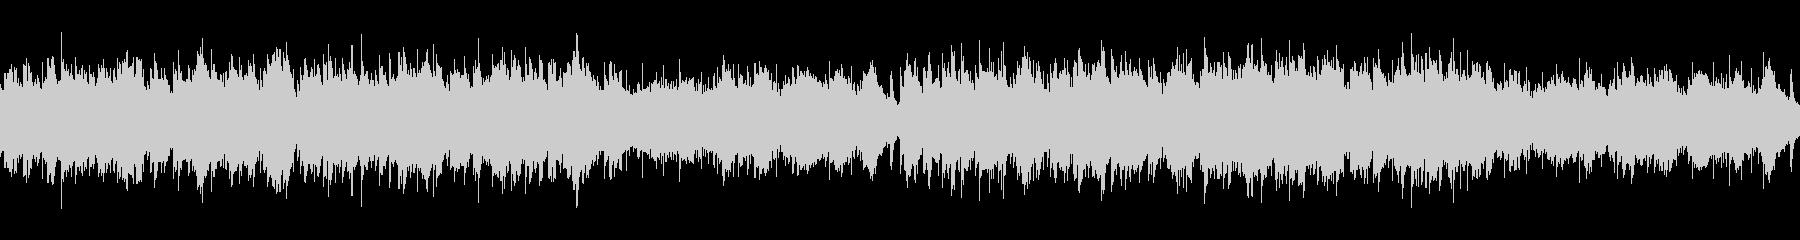 パンフルートとピアノの日常系BGMの未再生の波形